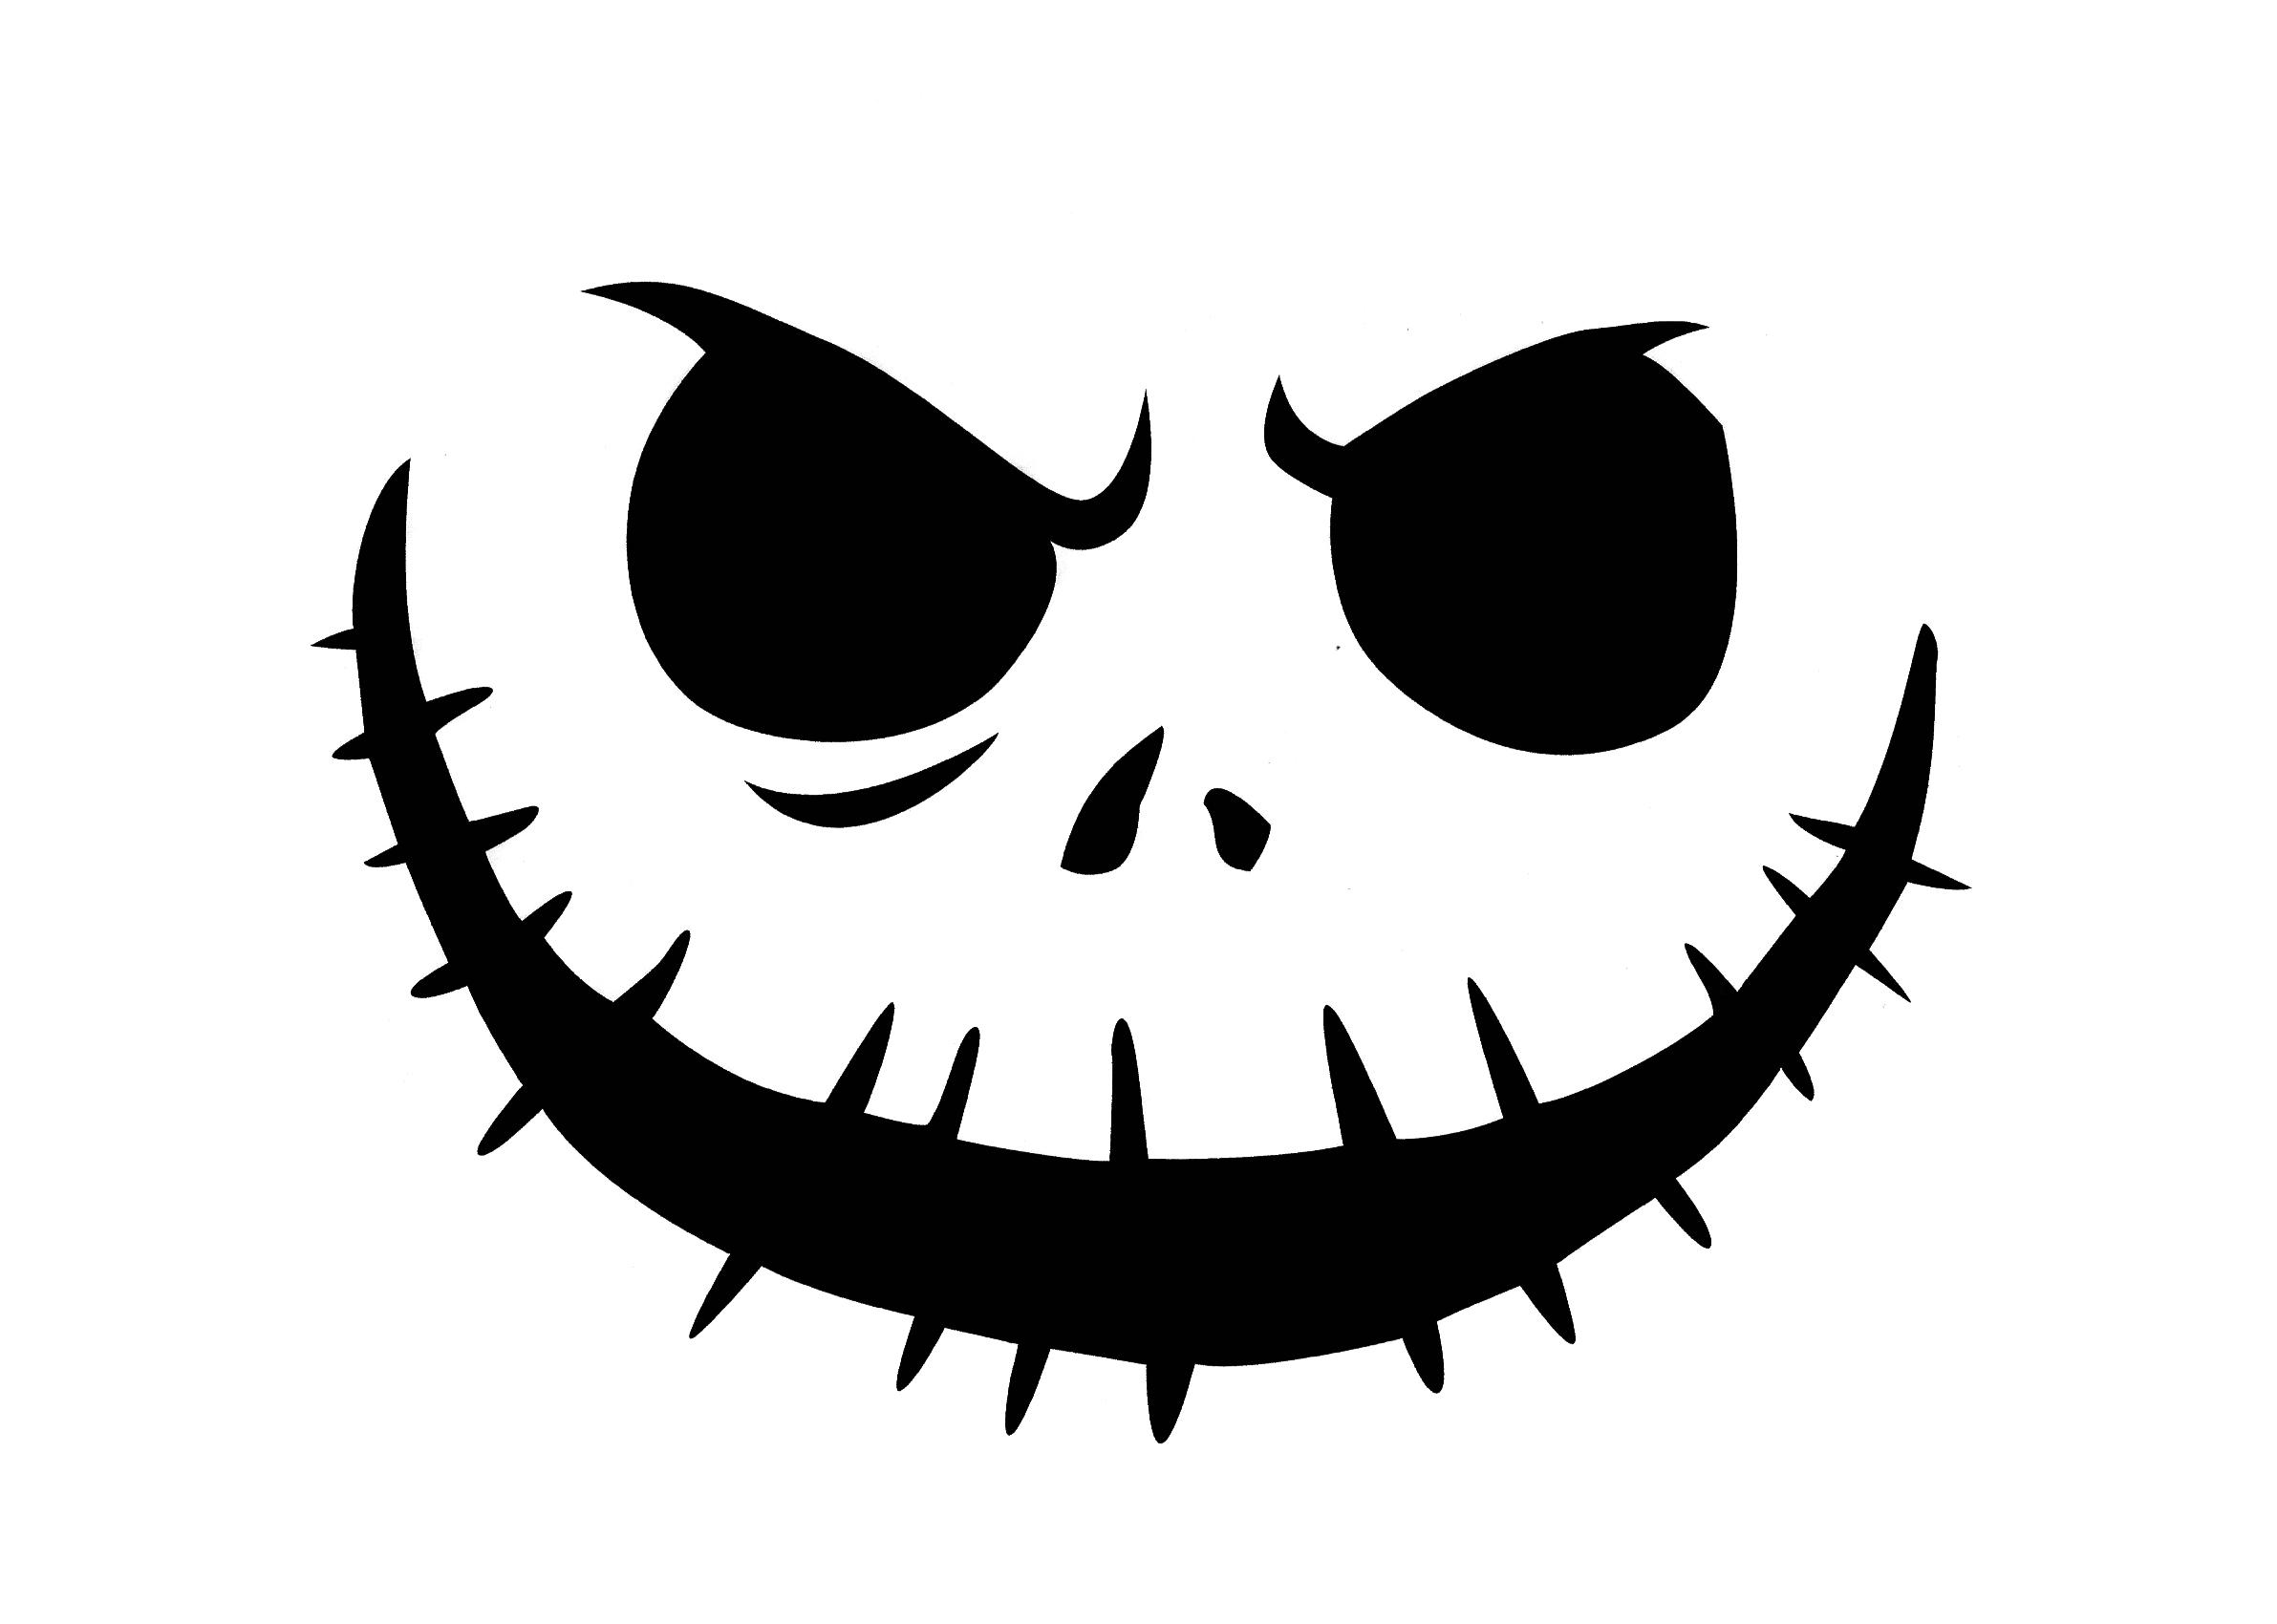 Pumpkin Mouth Cut Out Clipart